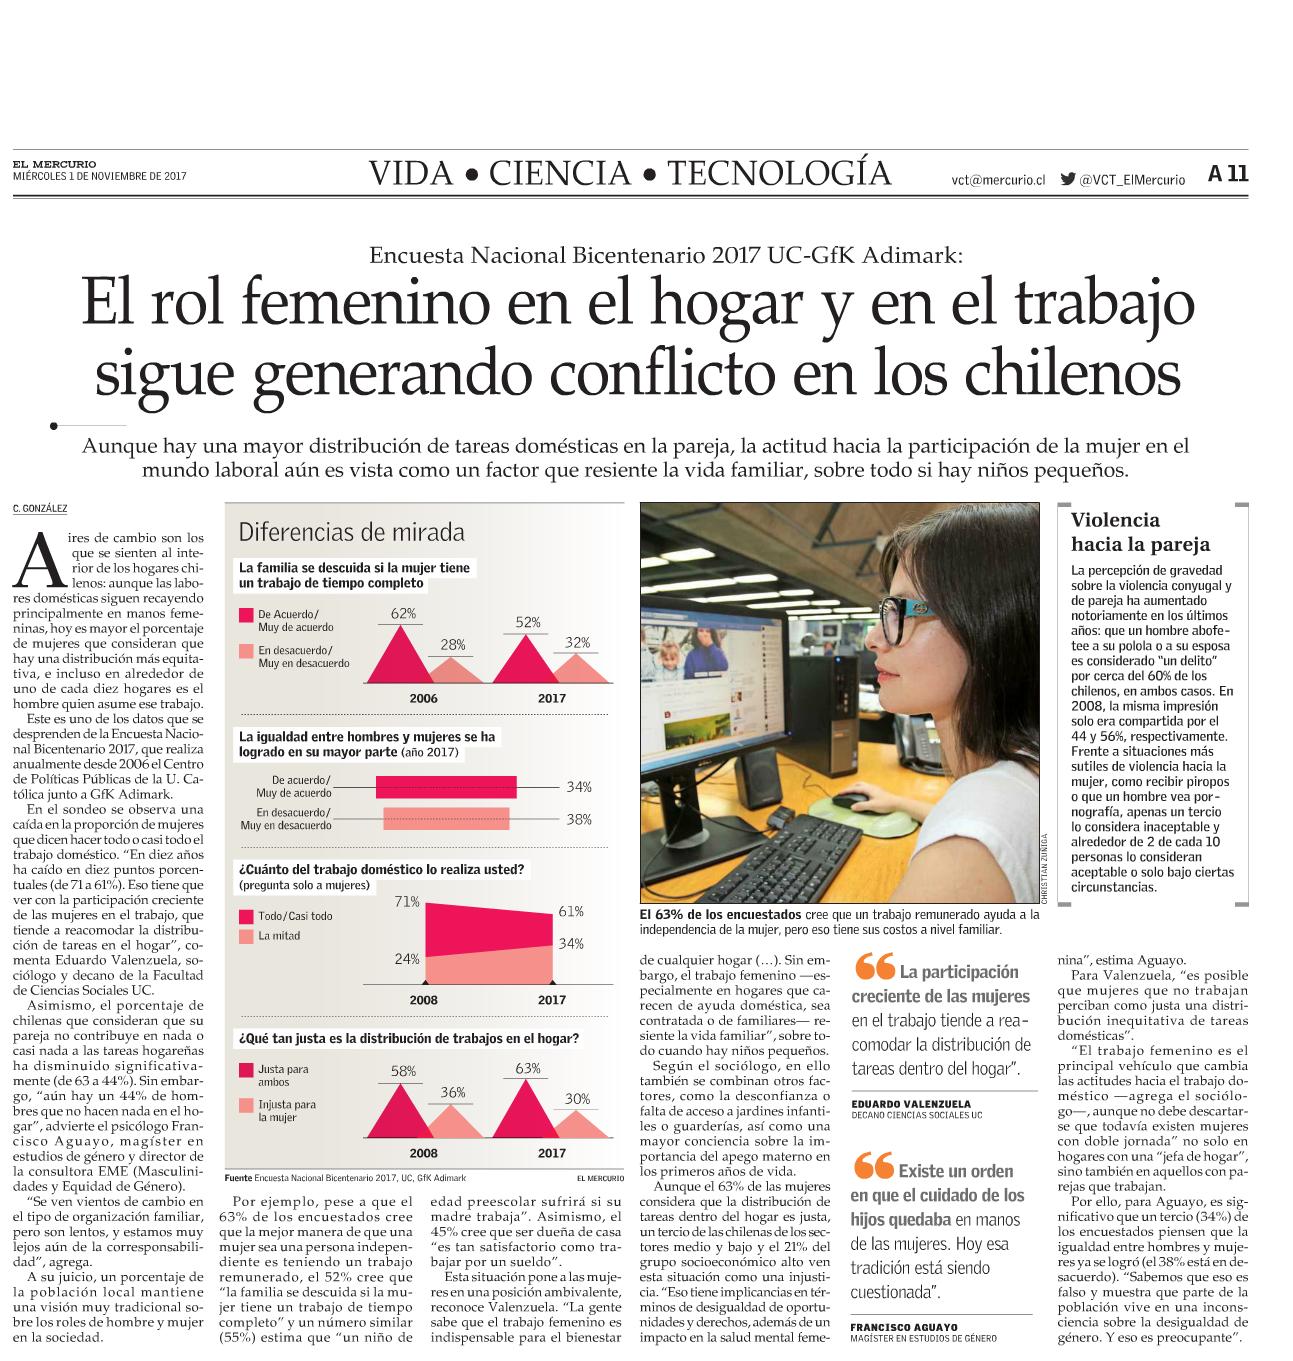 El rol femenino en el hogar y en el trabajo sigue generando conflicto en los chilenos